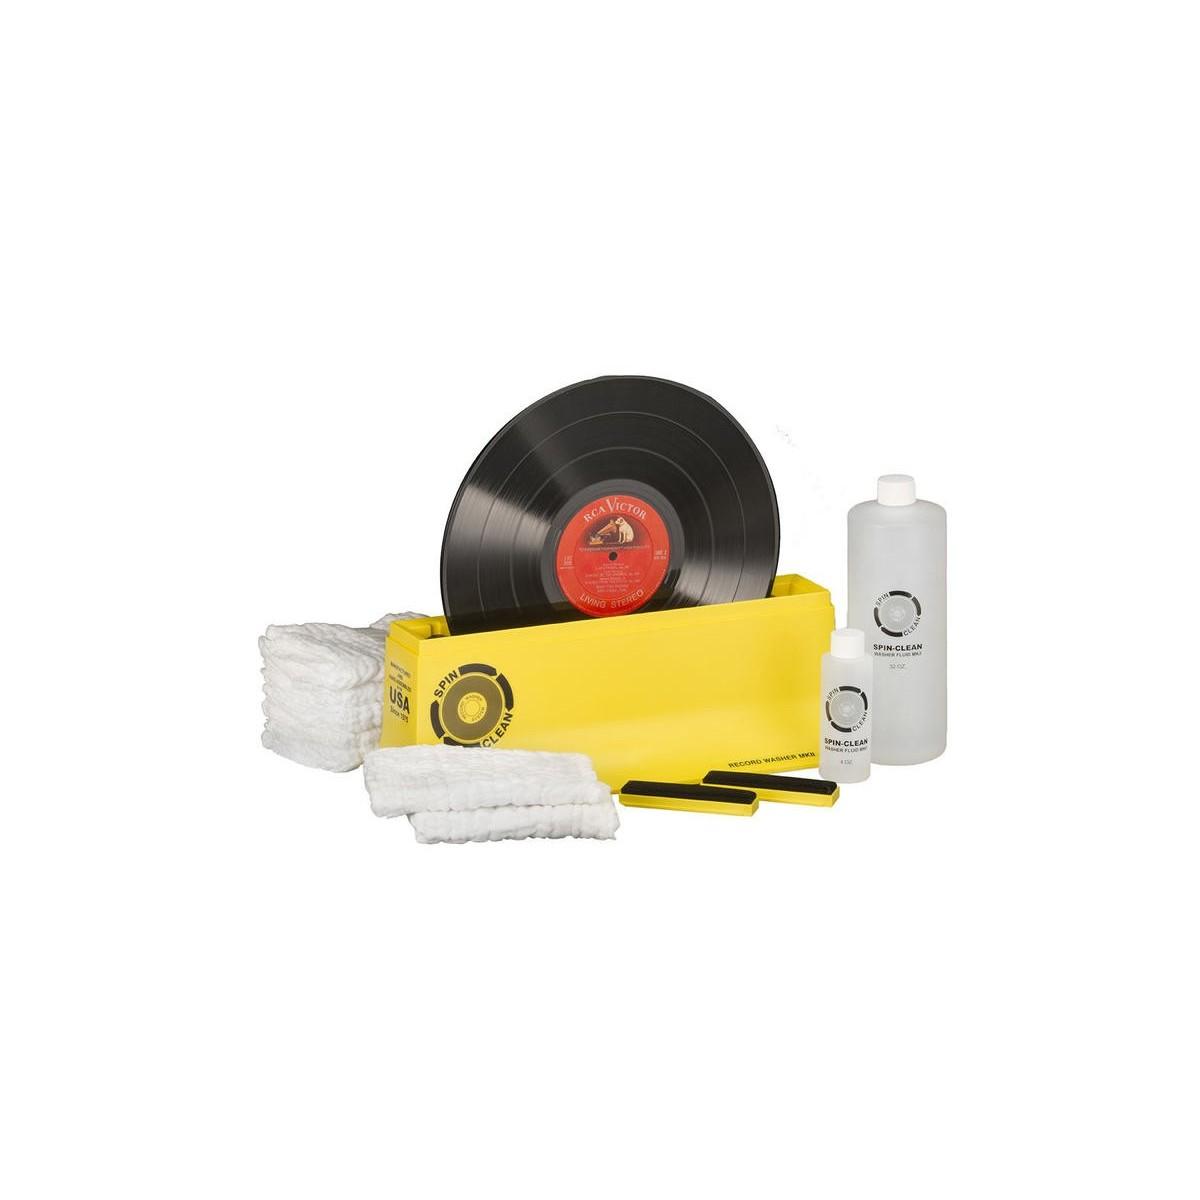 Plattenwaschanlage SPIN-CLEAN RECORD WASHER SYSTEM MKII